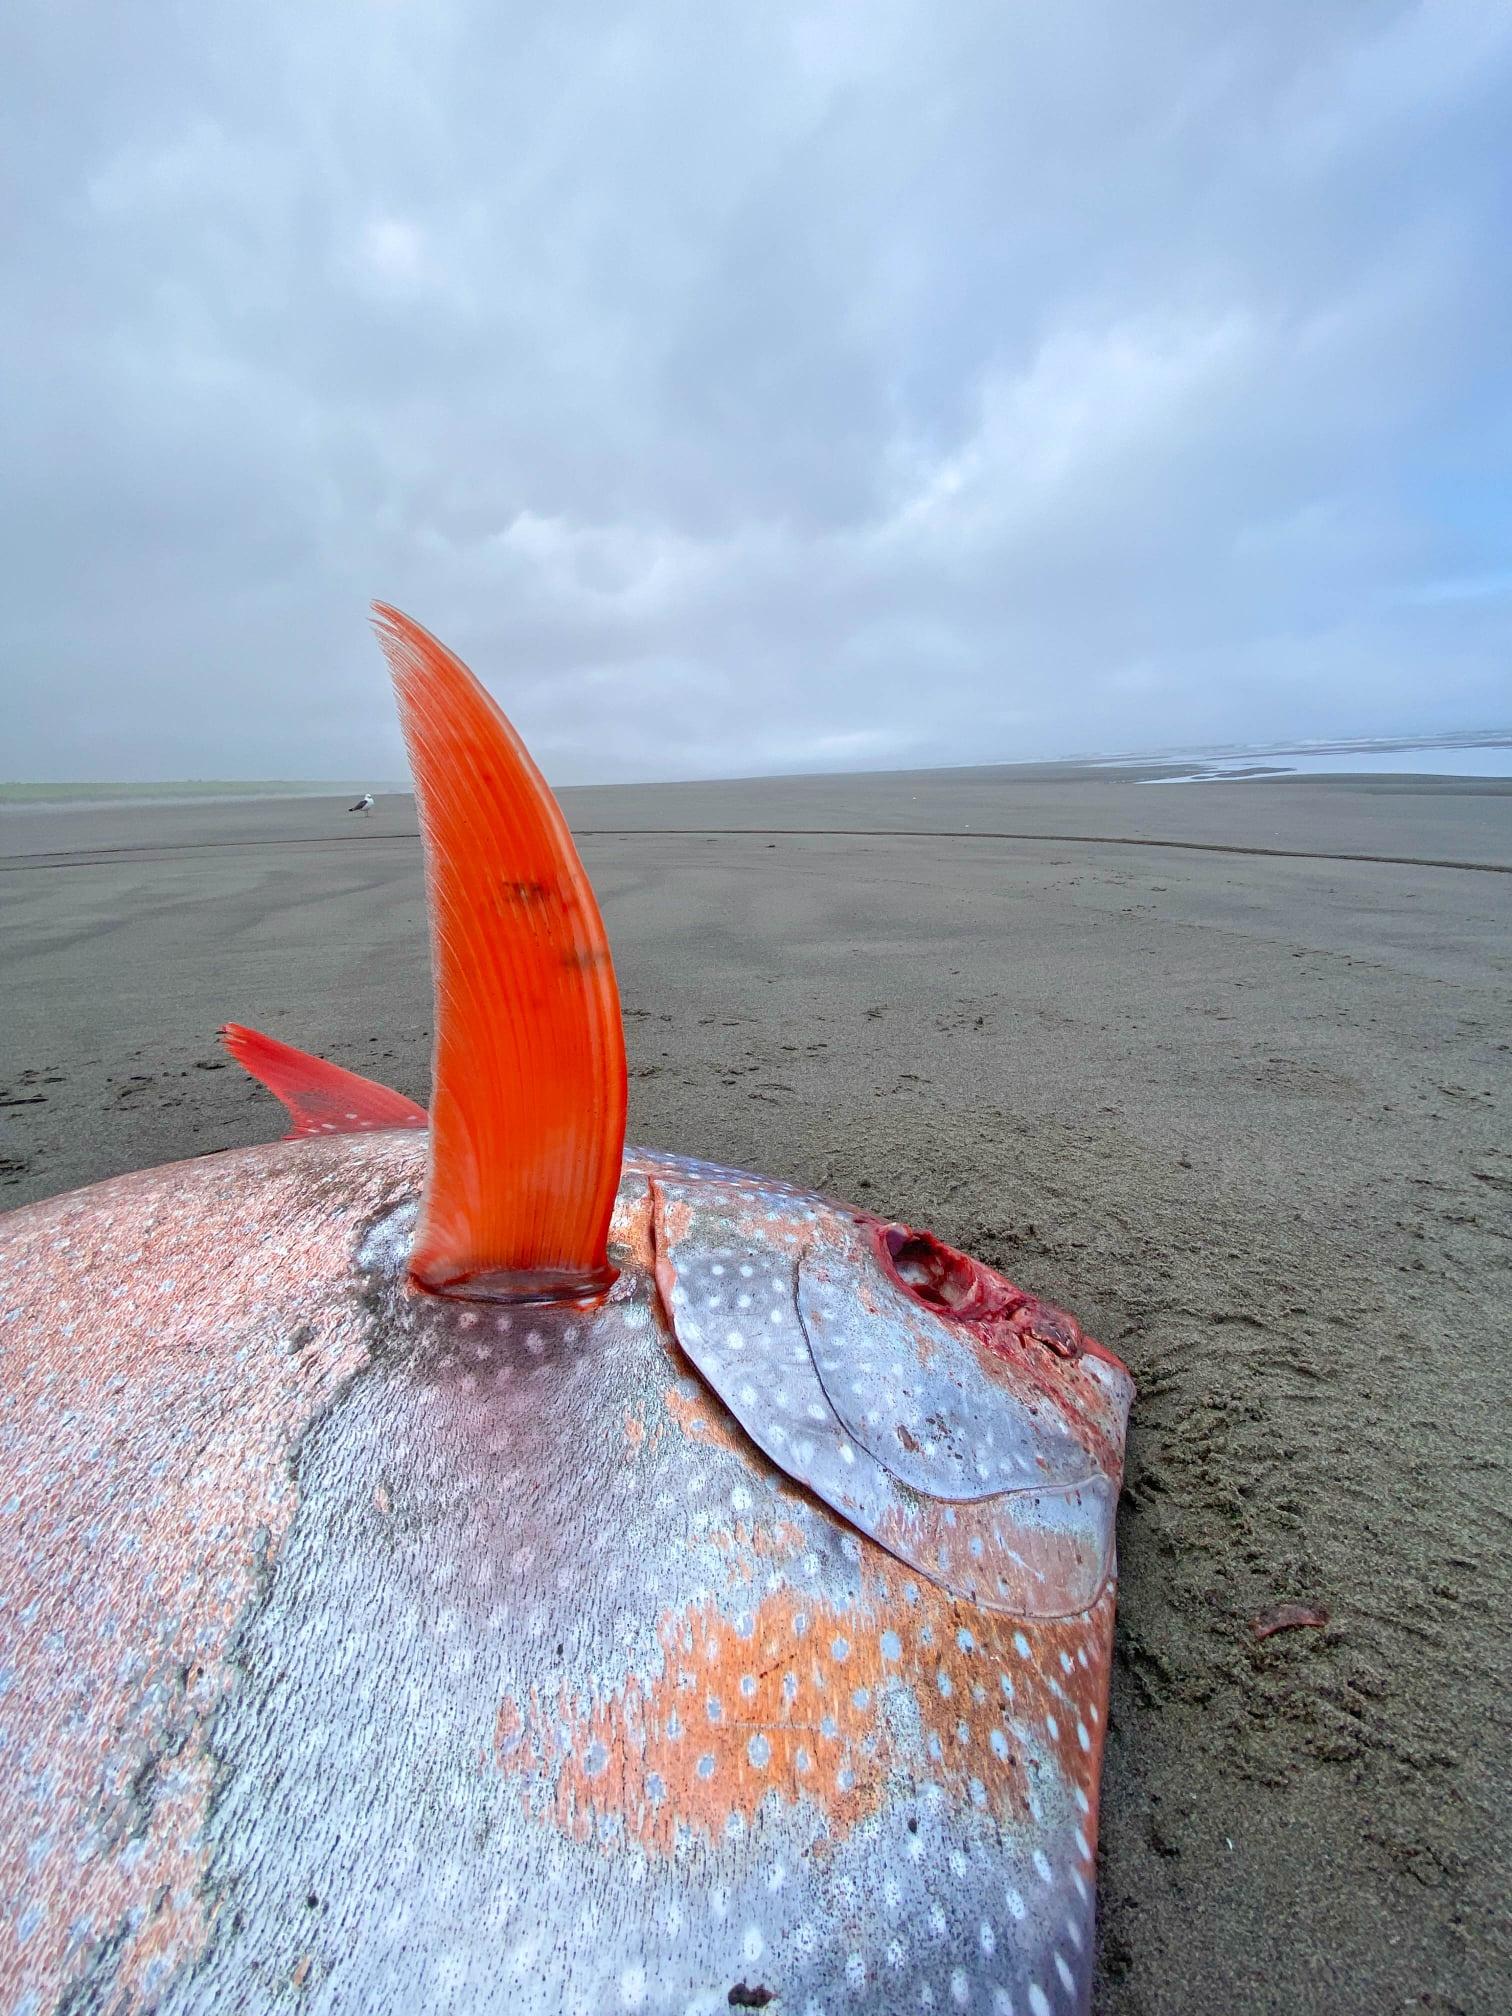 Cận cảnh chú cá mặt trăng khổng lồ dạt vào bờ biển tại Mỹ - Ảnh 4.